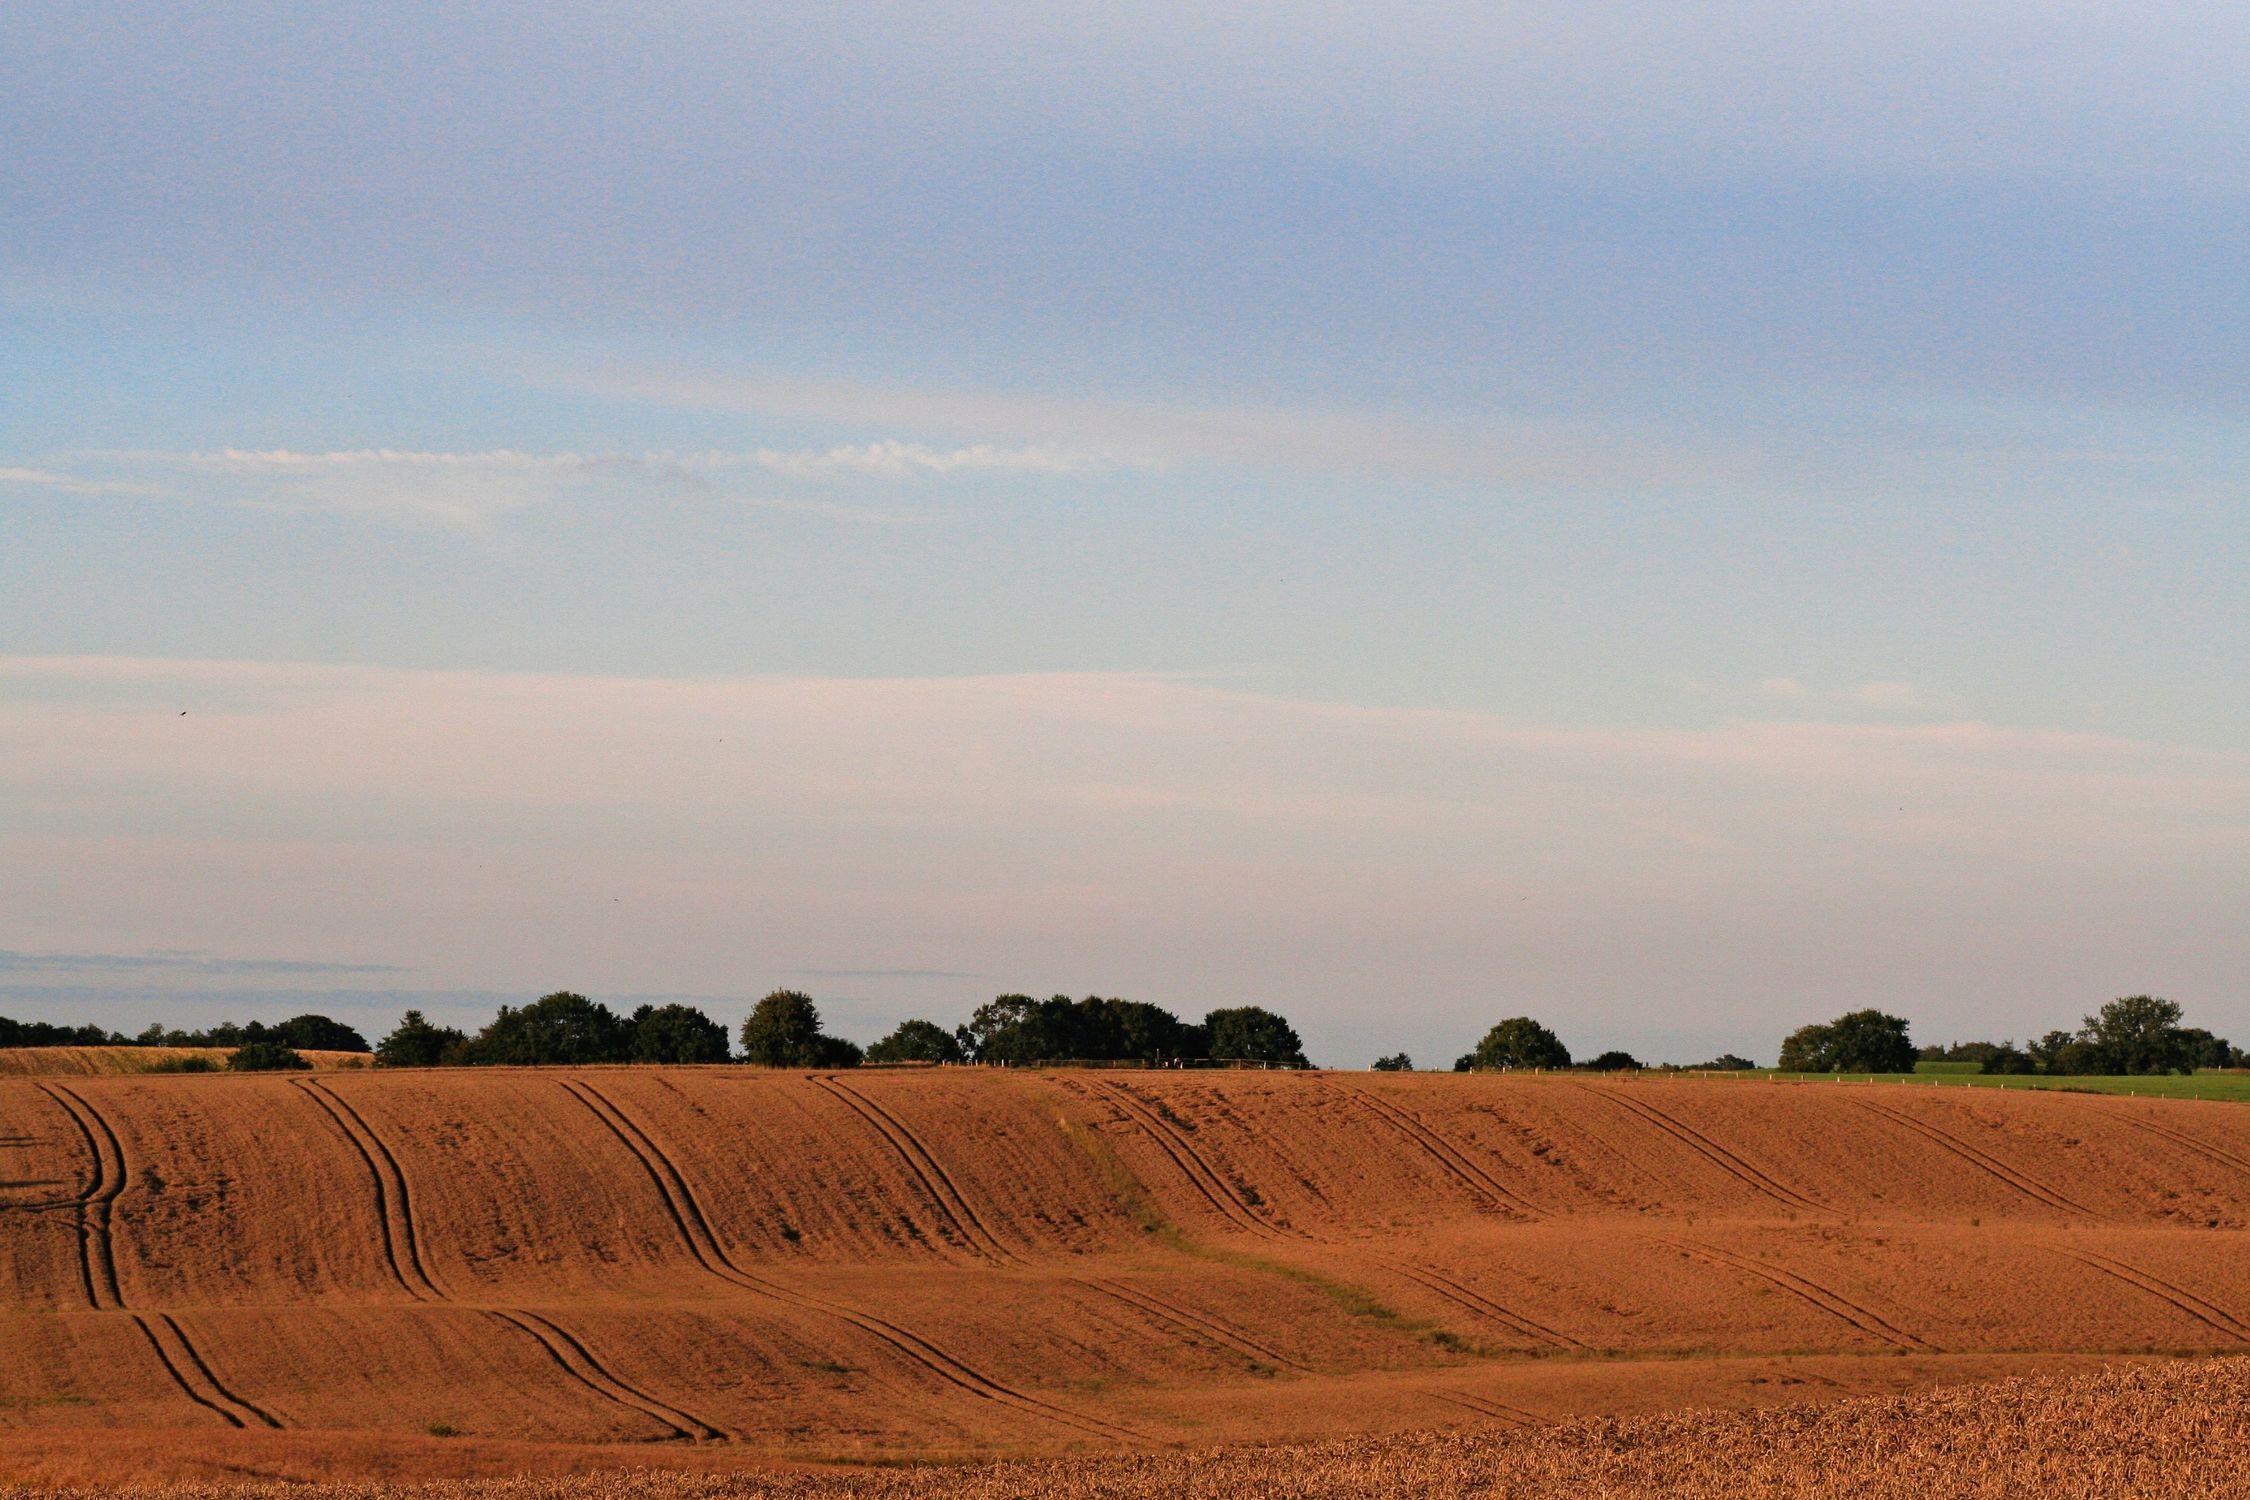 Bild mit Natur, Pflanzen, Gräser, Landschaften, Himmel, Bäume, Weiden und Wiesen, Wolken, Horizont, Siedlungen, Architektur, Bauwerke, Gebäude, Bauernhöfe, Ländliche Gebiete, Buschland, landwirtschaft